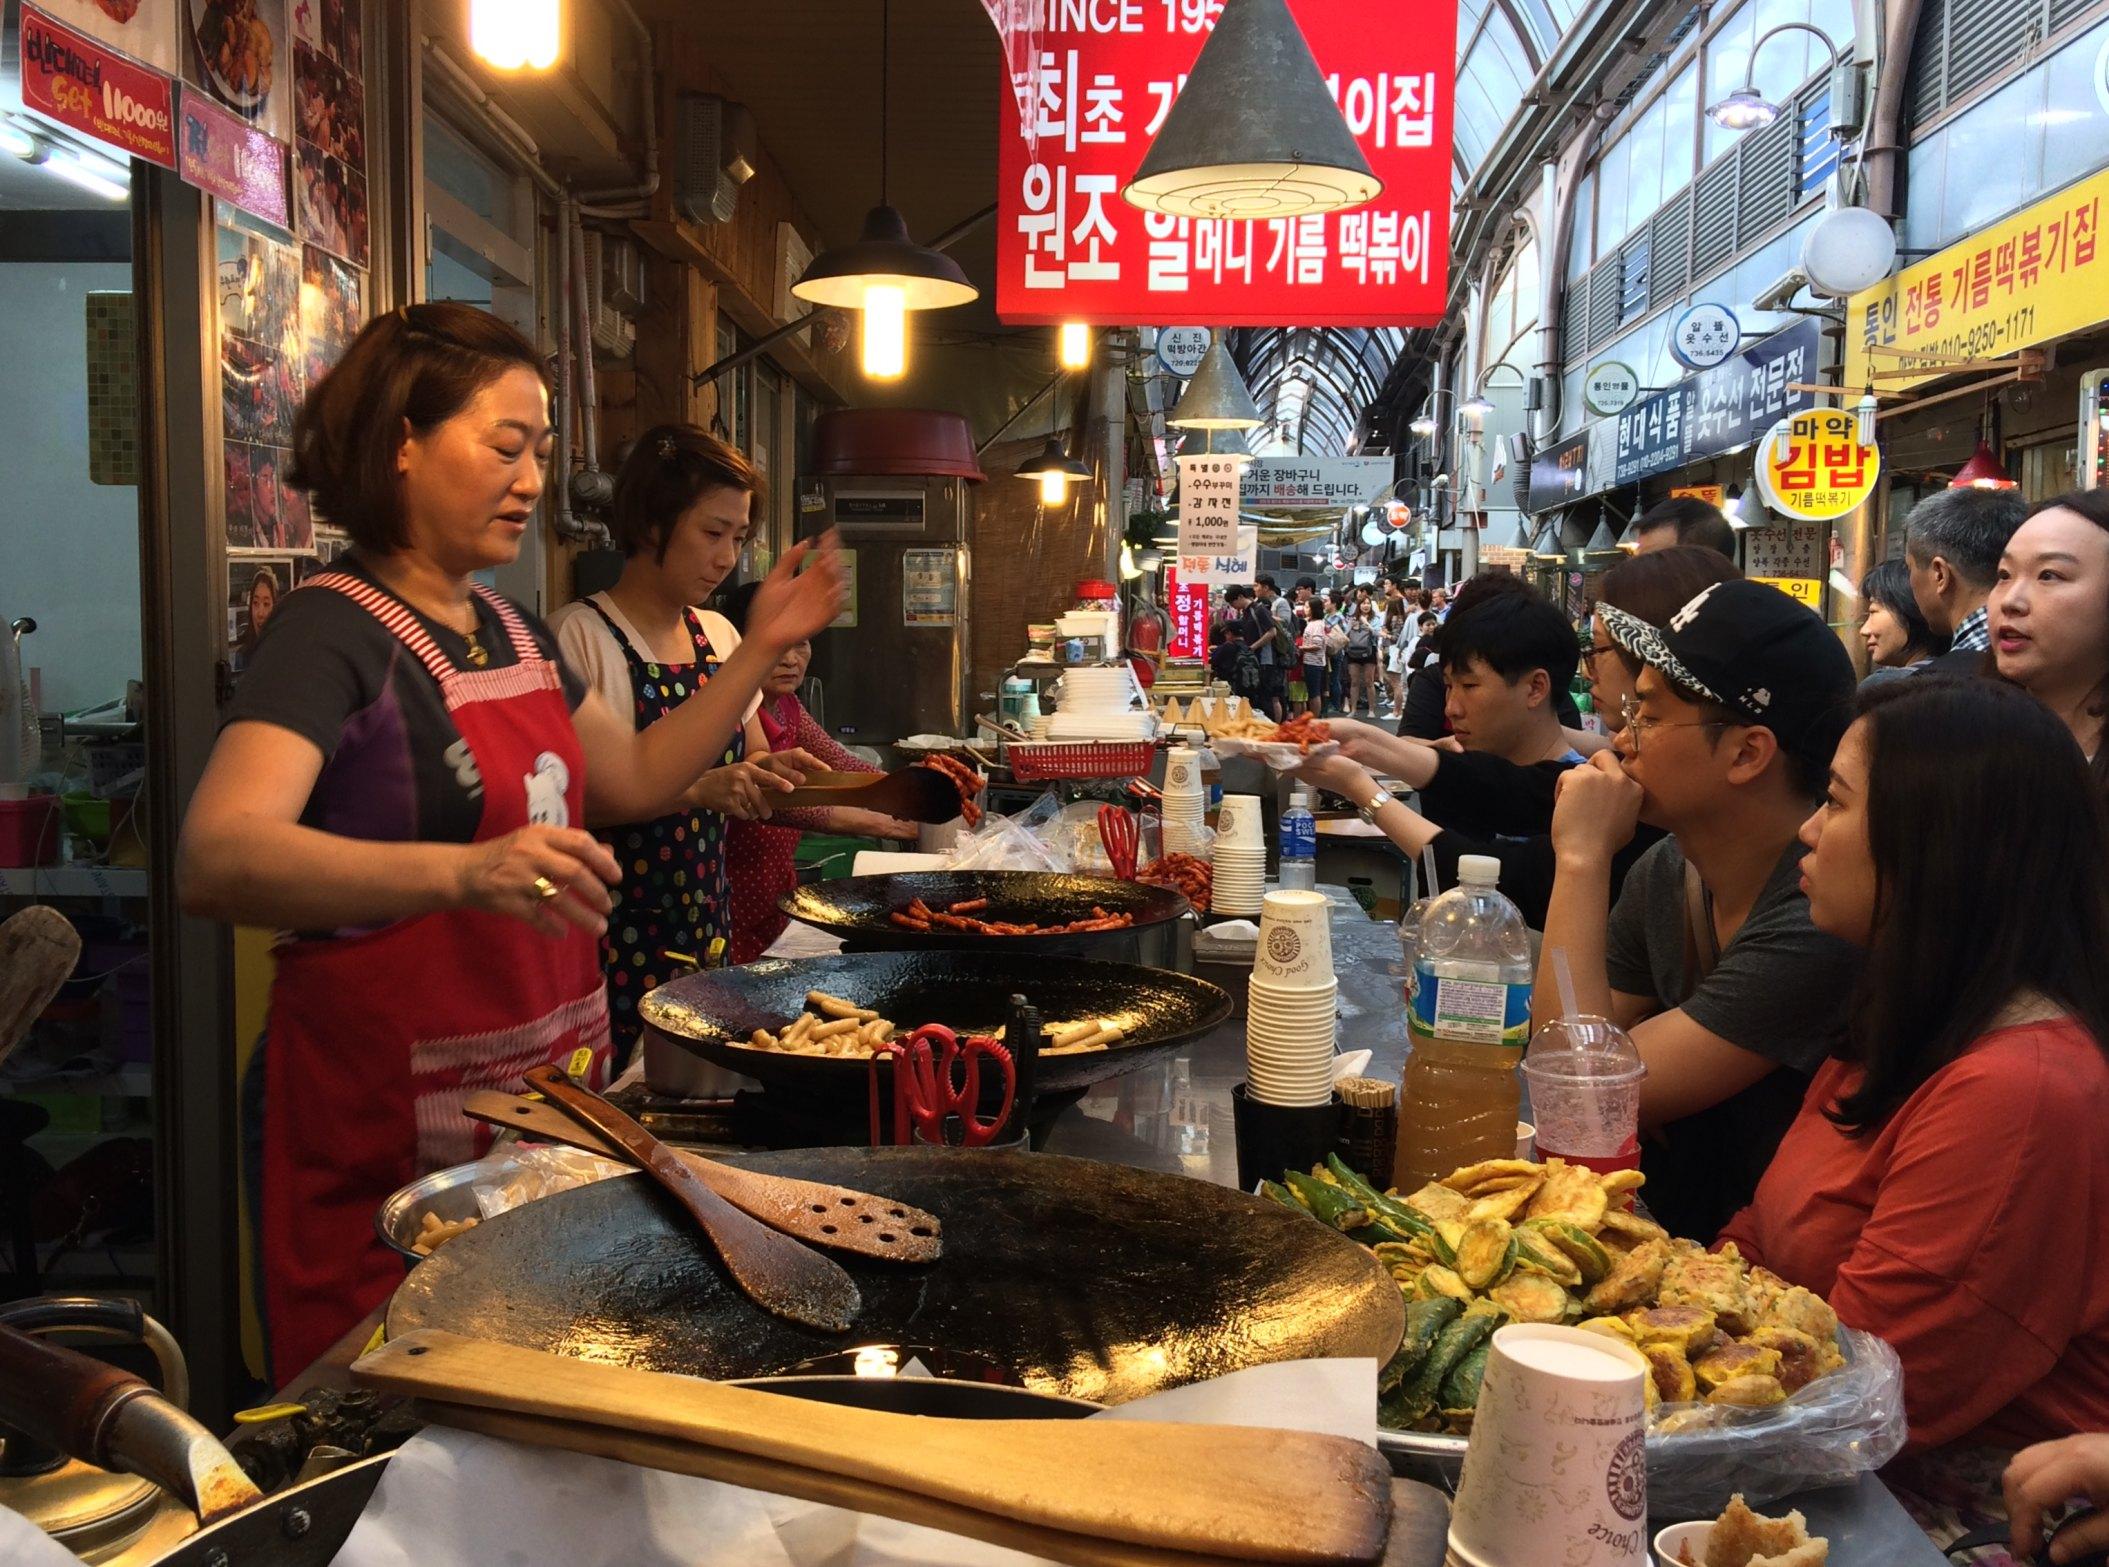 Tongin Market food vendor